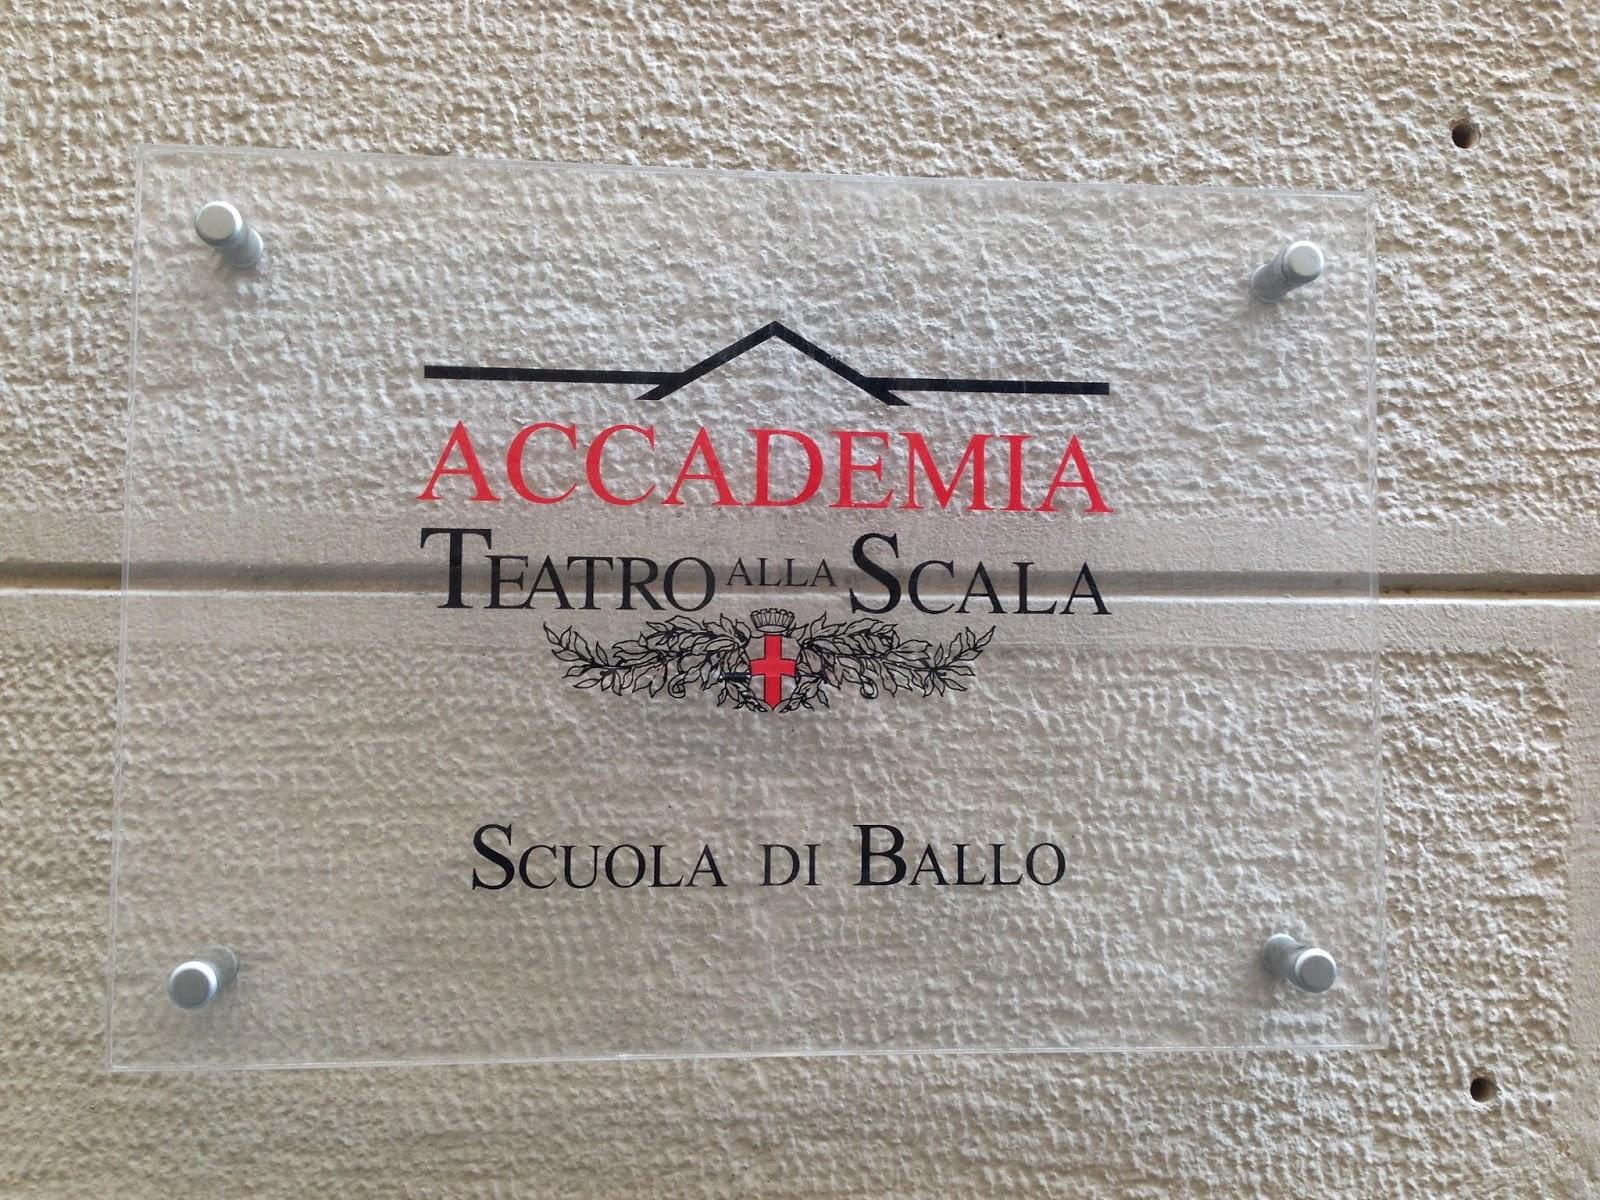 Dentro la Scuola di ballo dell'Accademia Teatro alla Scala